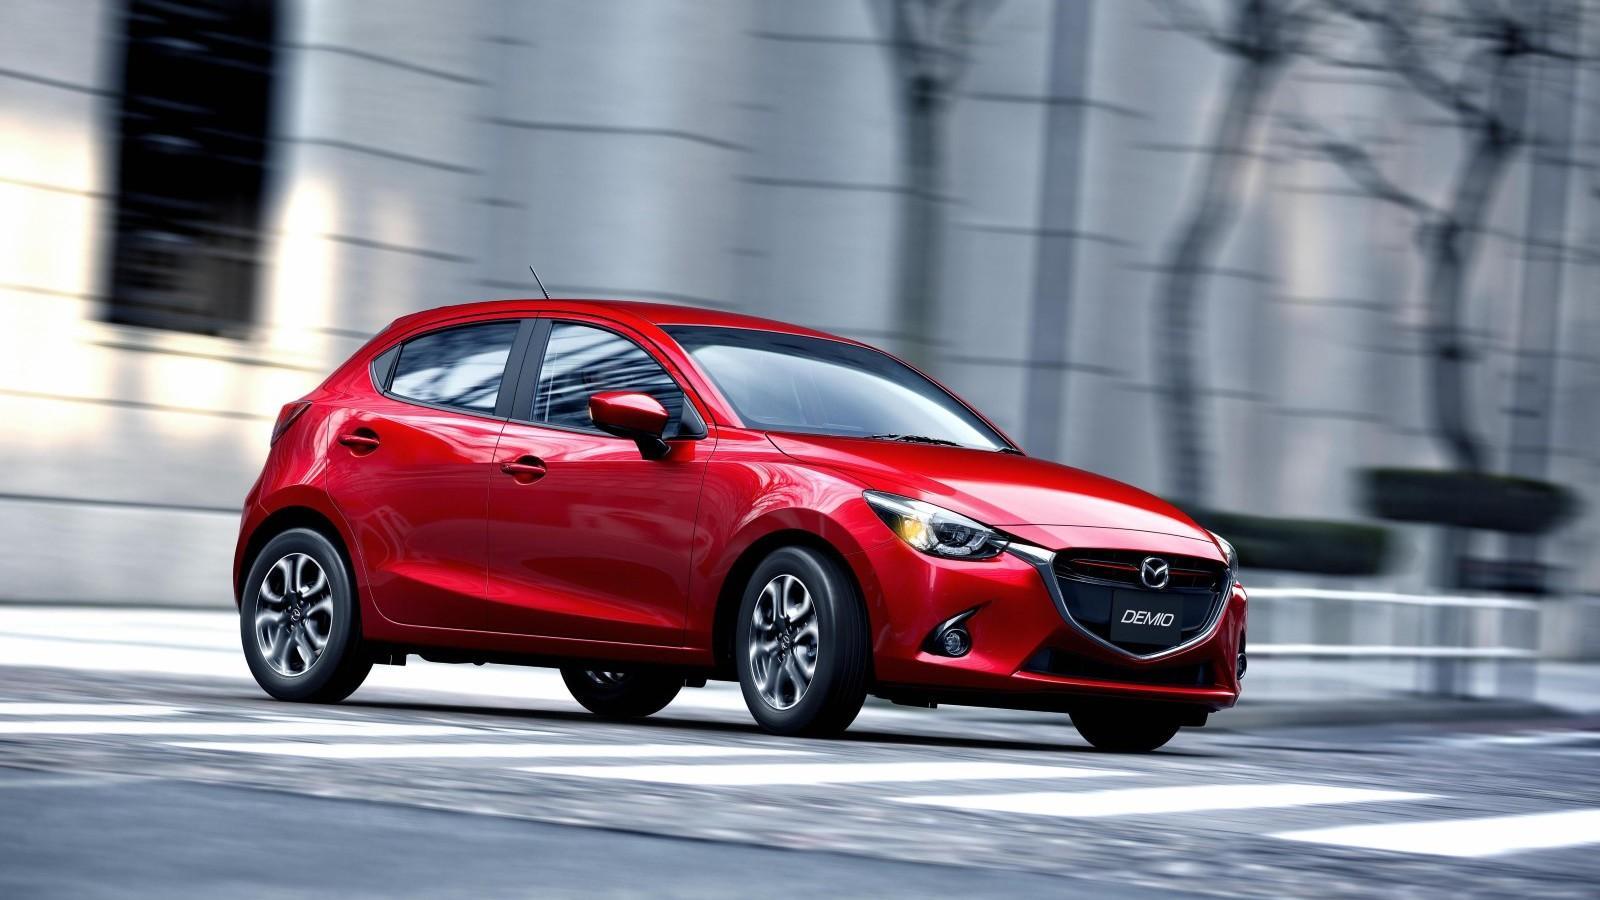 Kelebihan Mazda 2 Skyactiv Tangguh